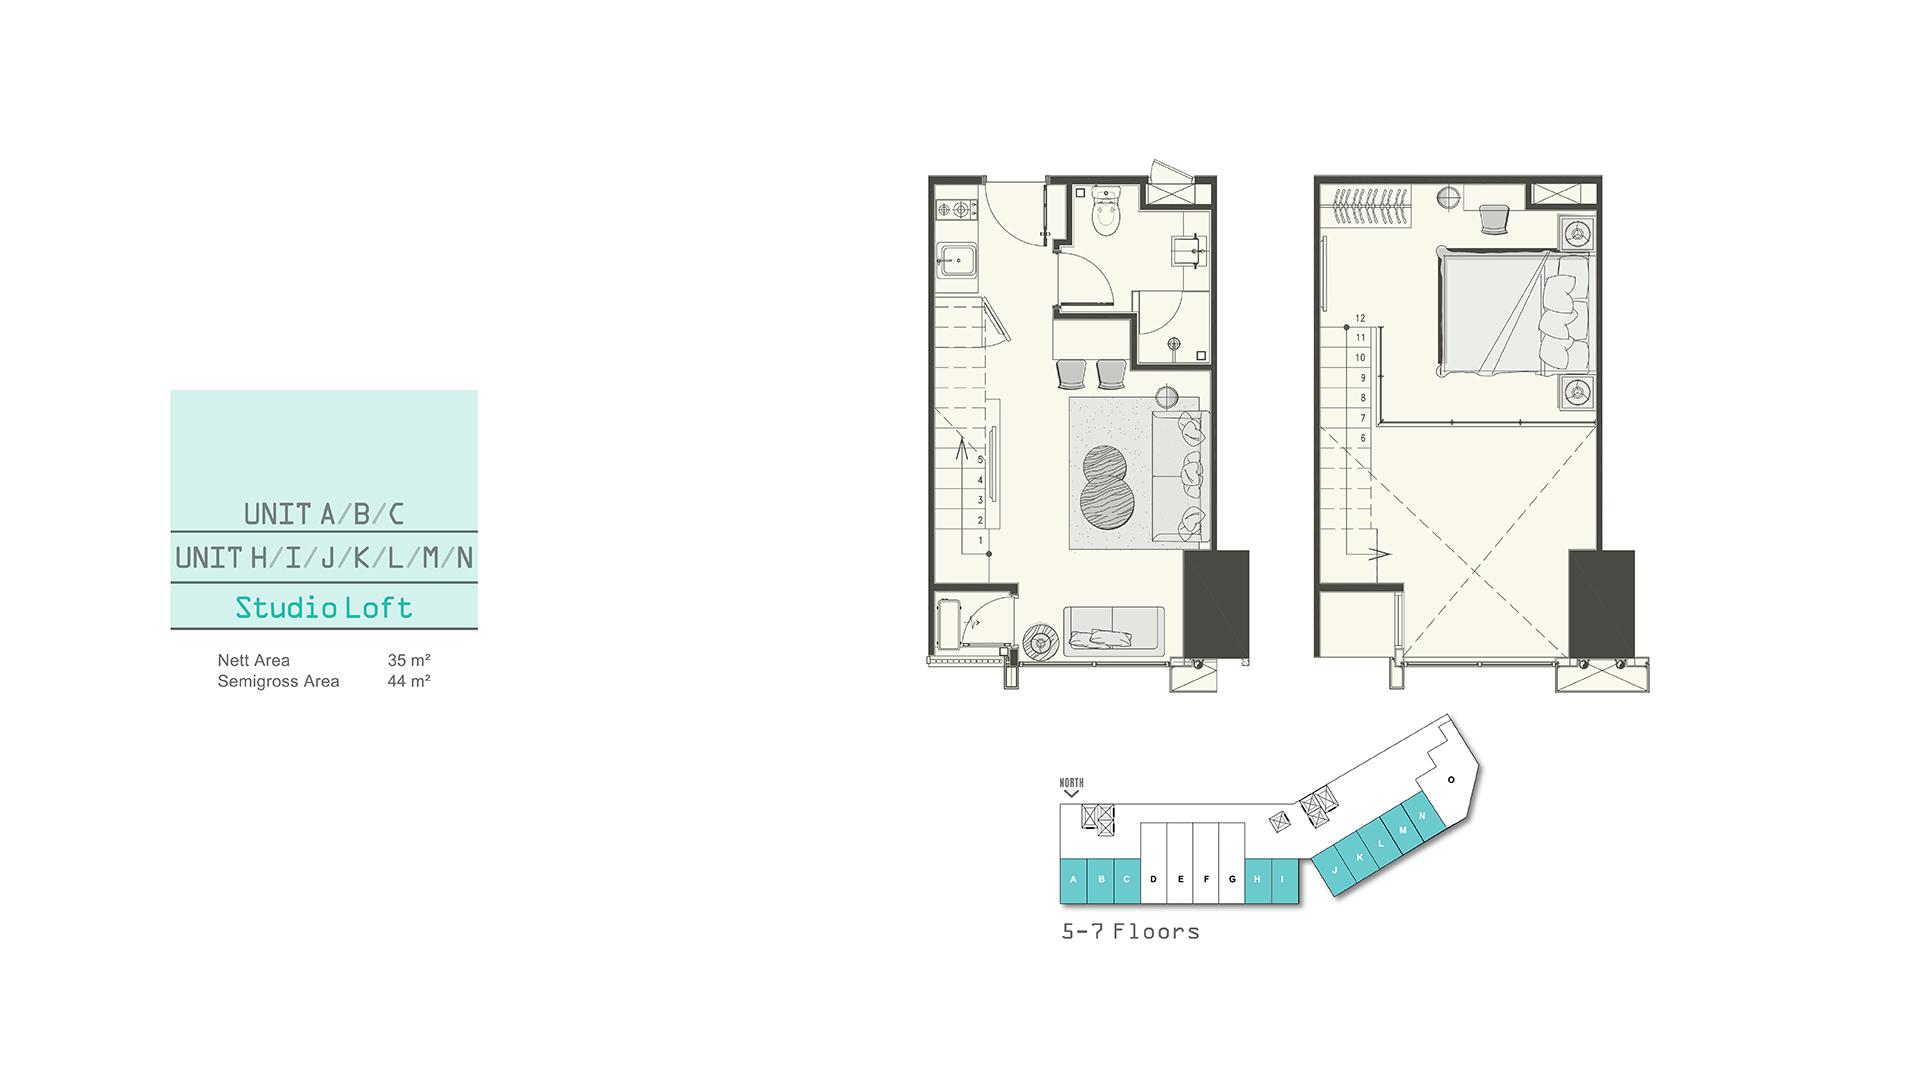 Southgate Studio Loft (A,H,I,K,L,M,N)